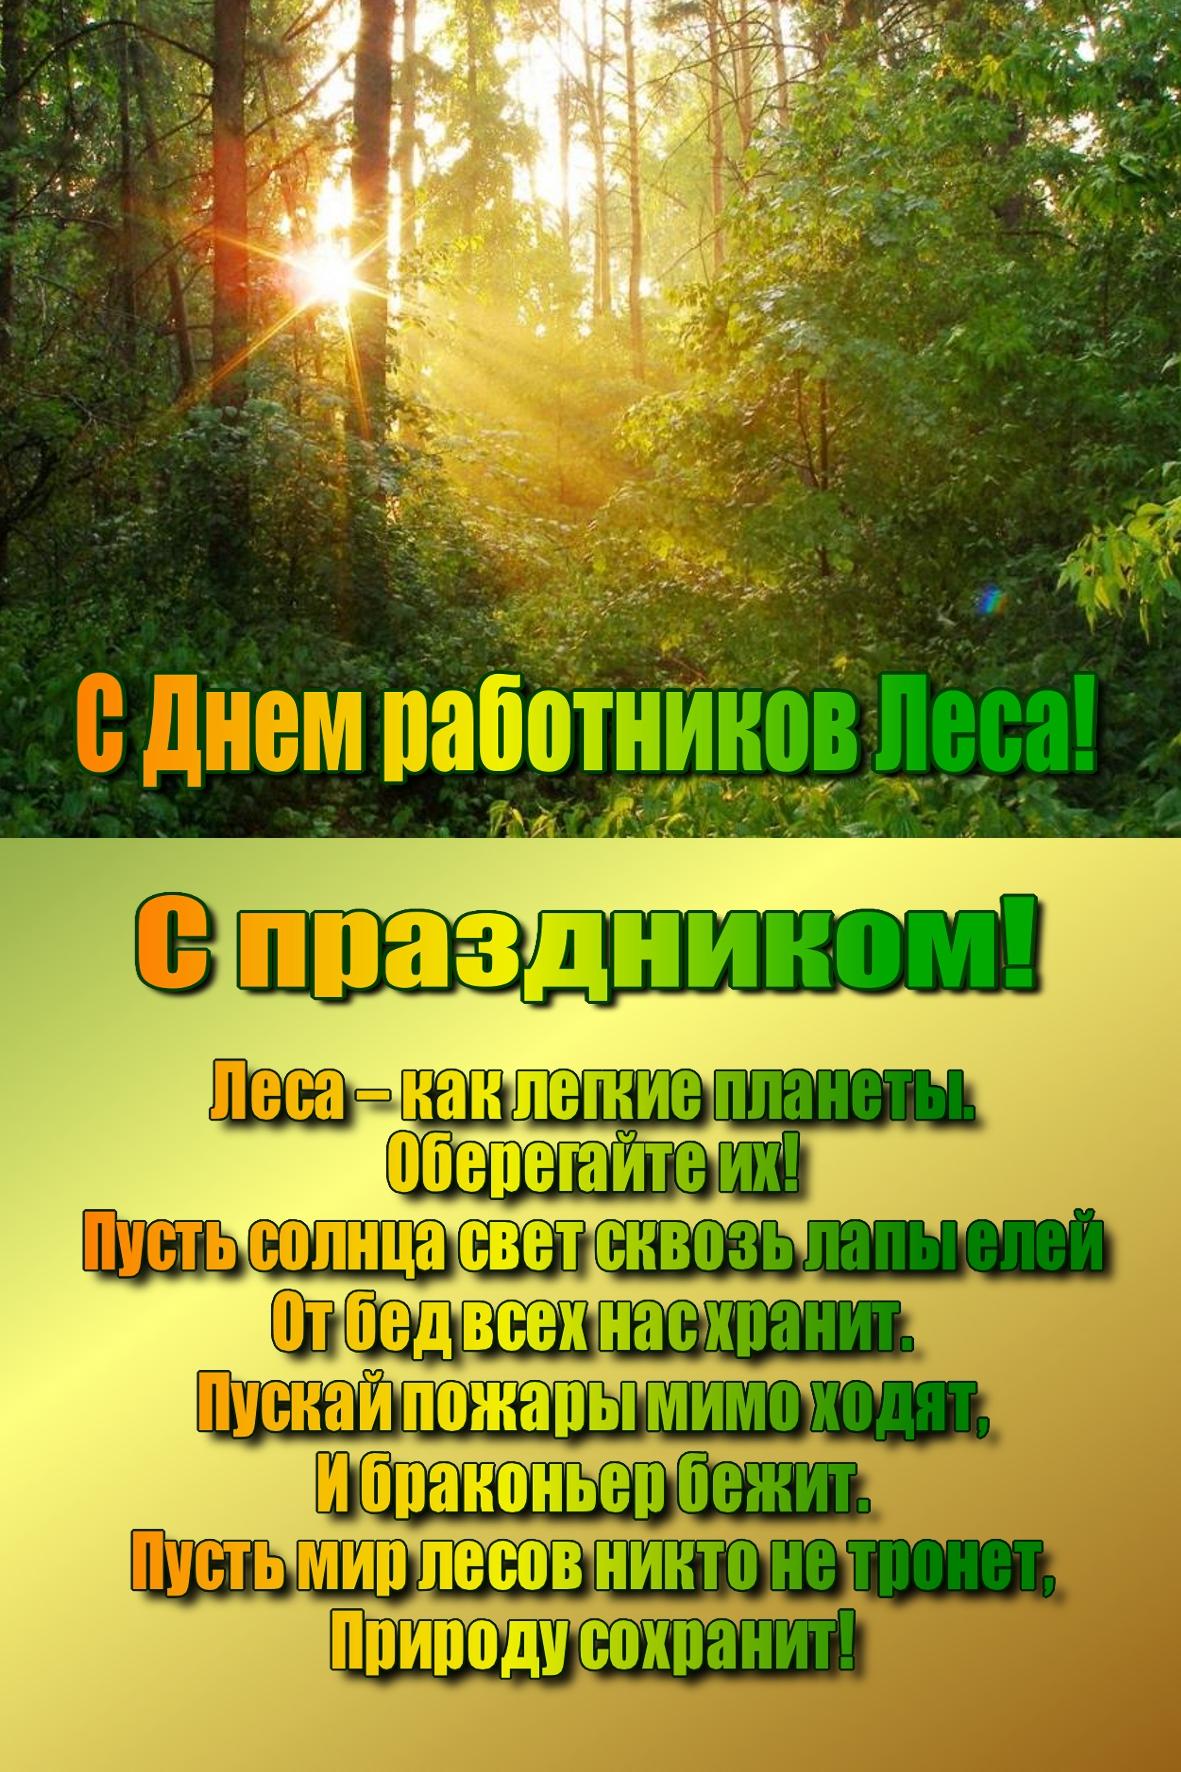 Поздравления с днём работника леса прикольные